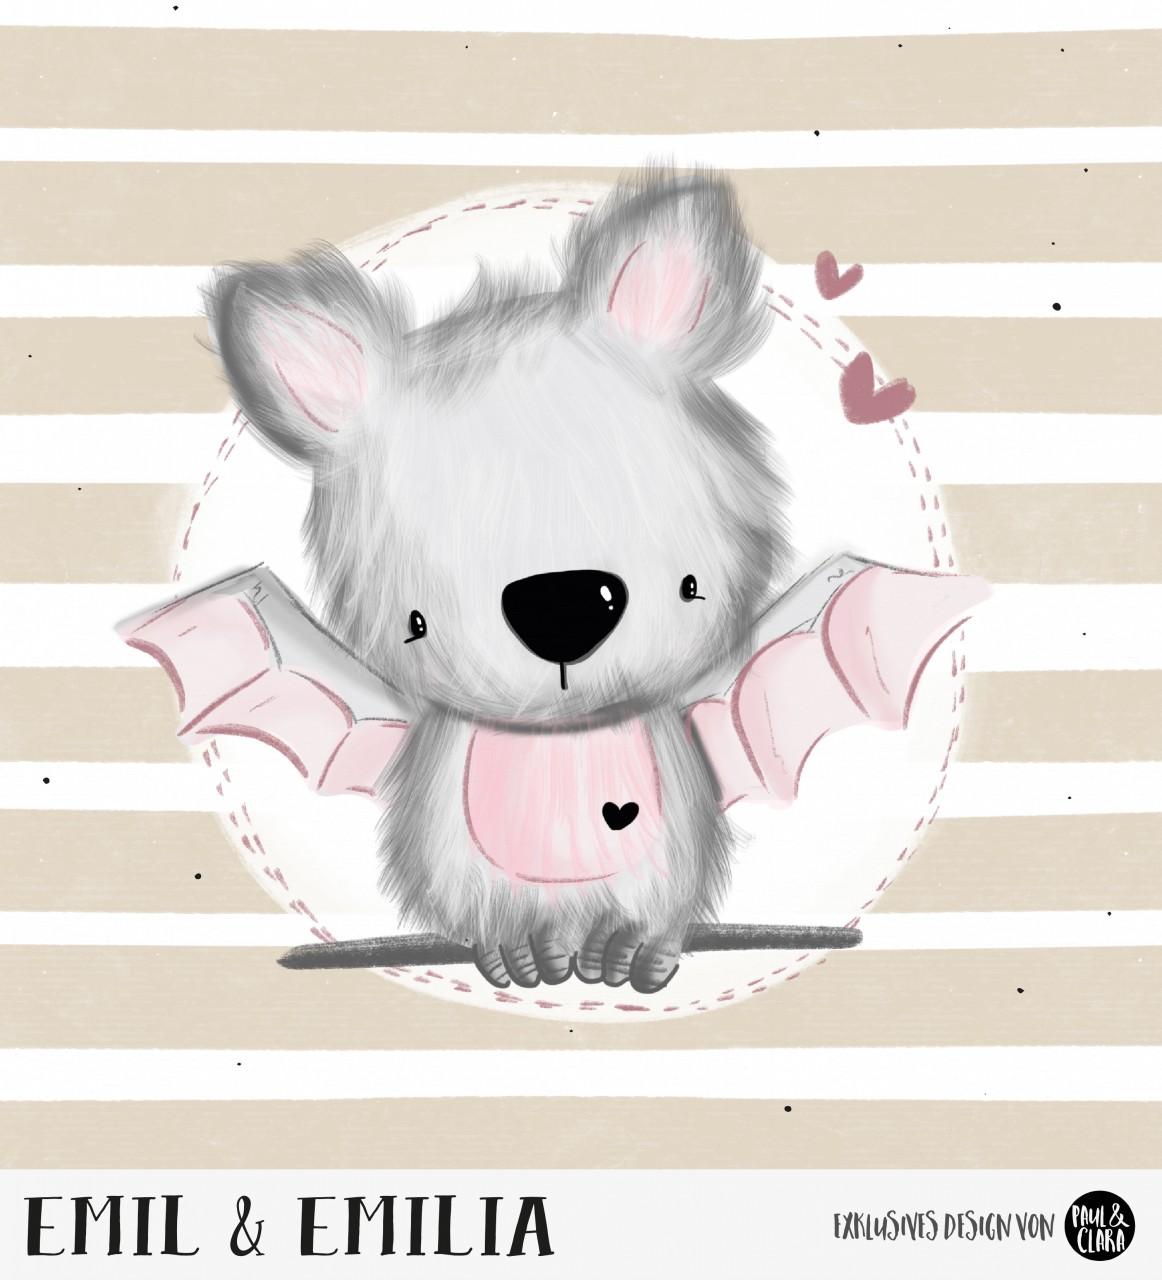 Emil & Emilia - Panel Beige 60 cm *Bio-Sommersweat*